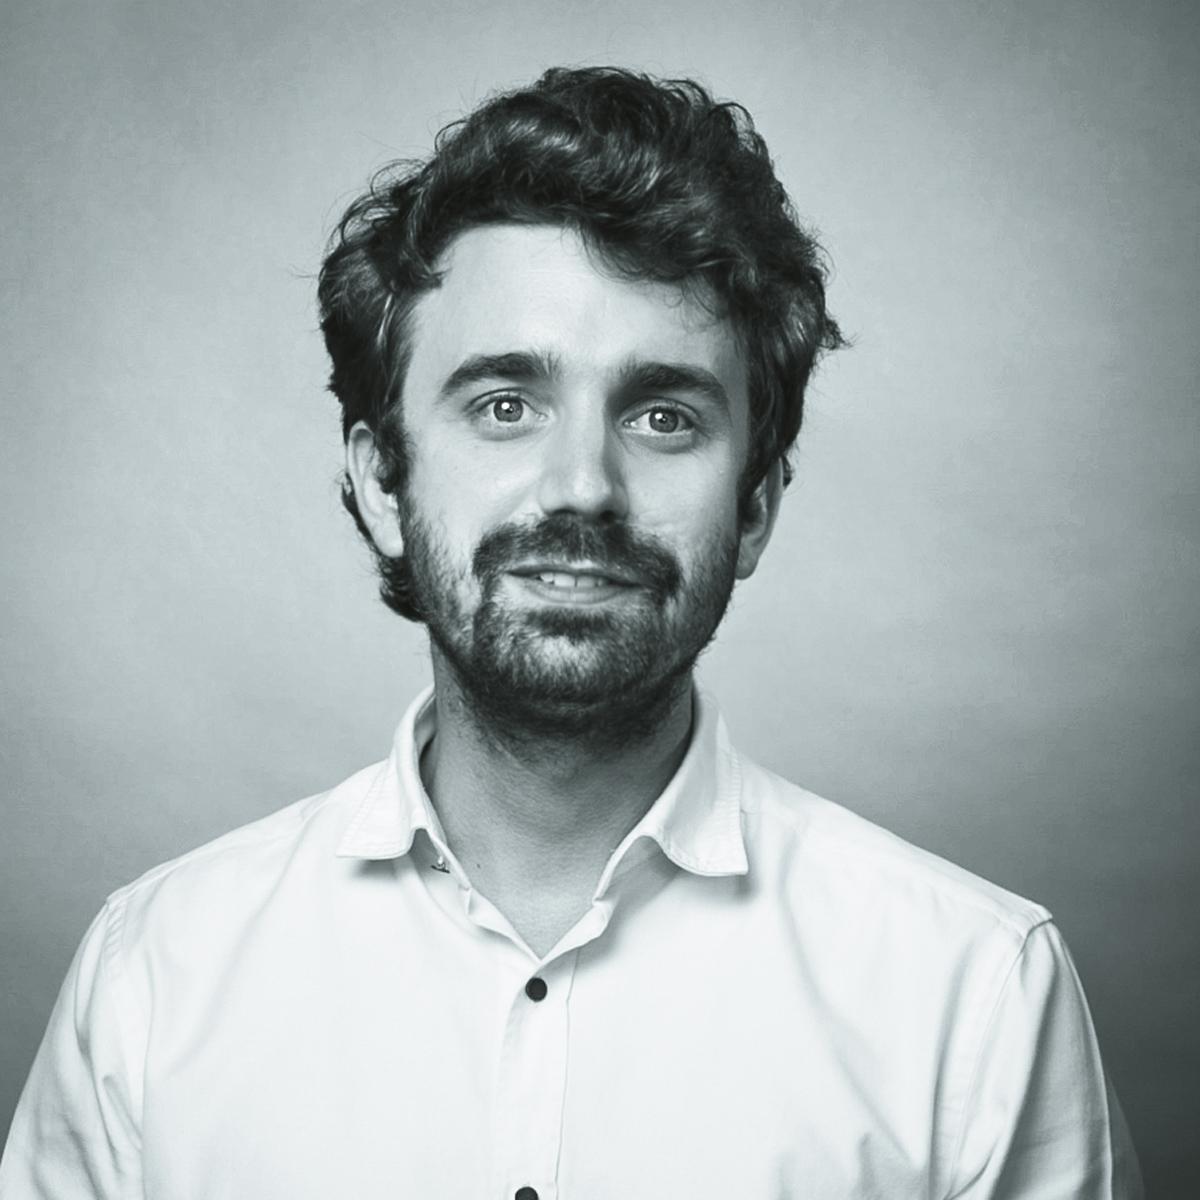 Filippo Zechini